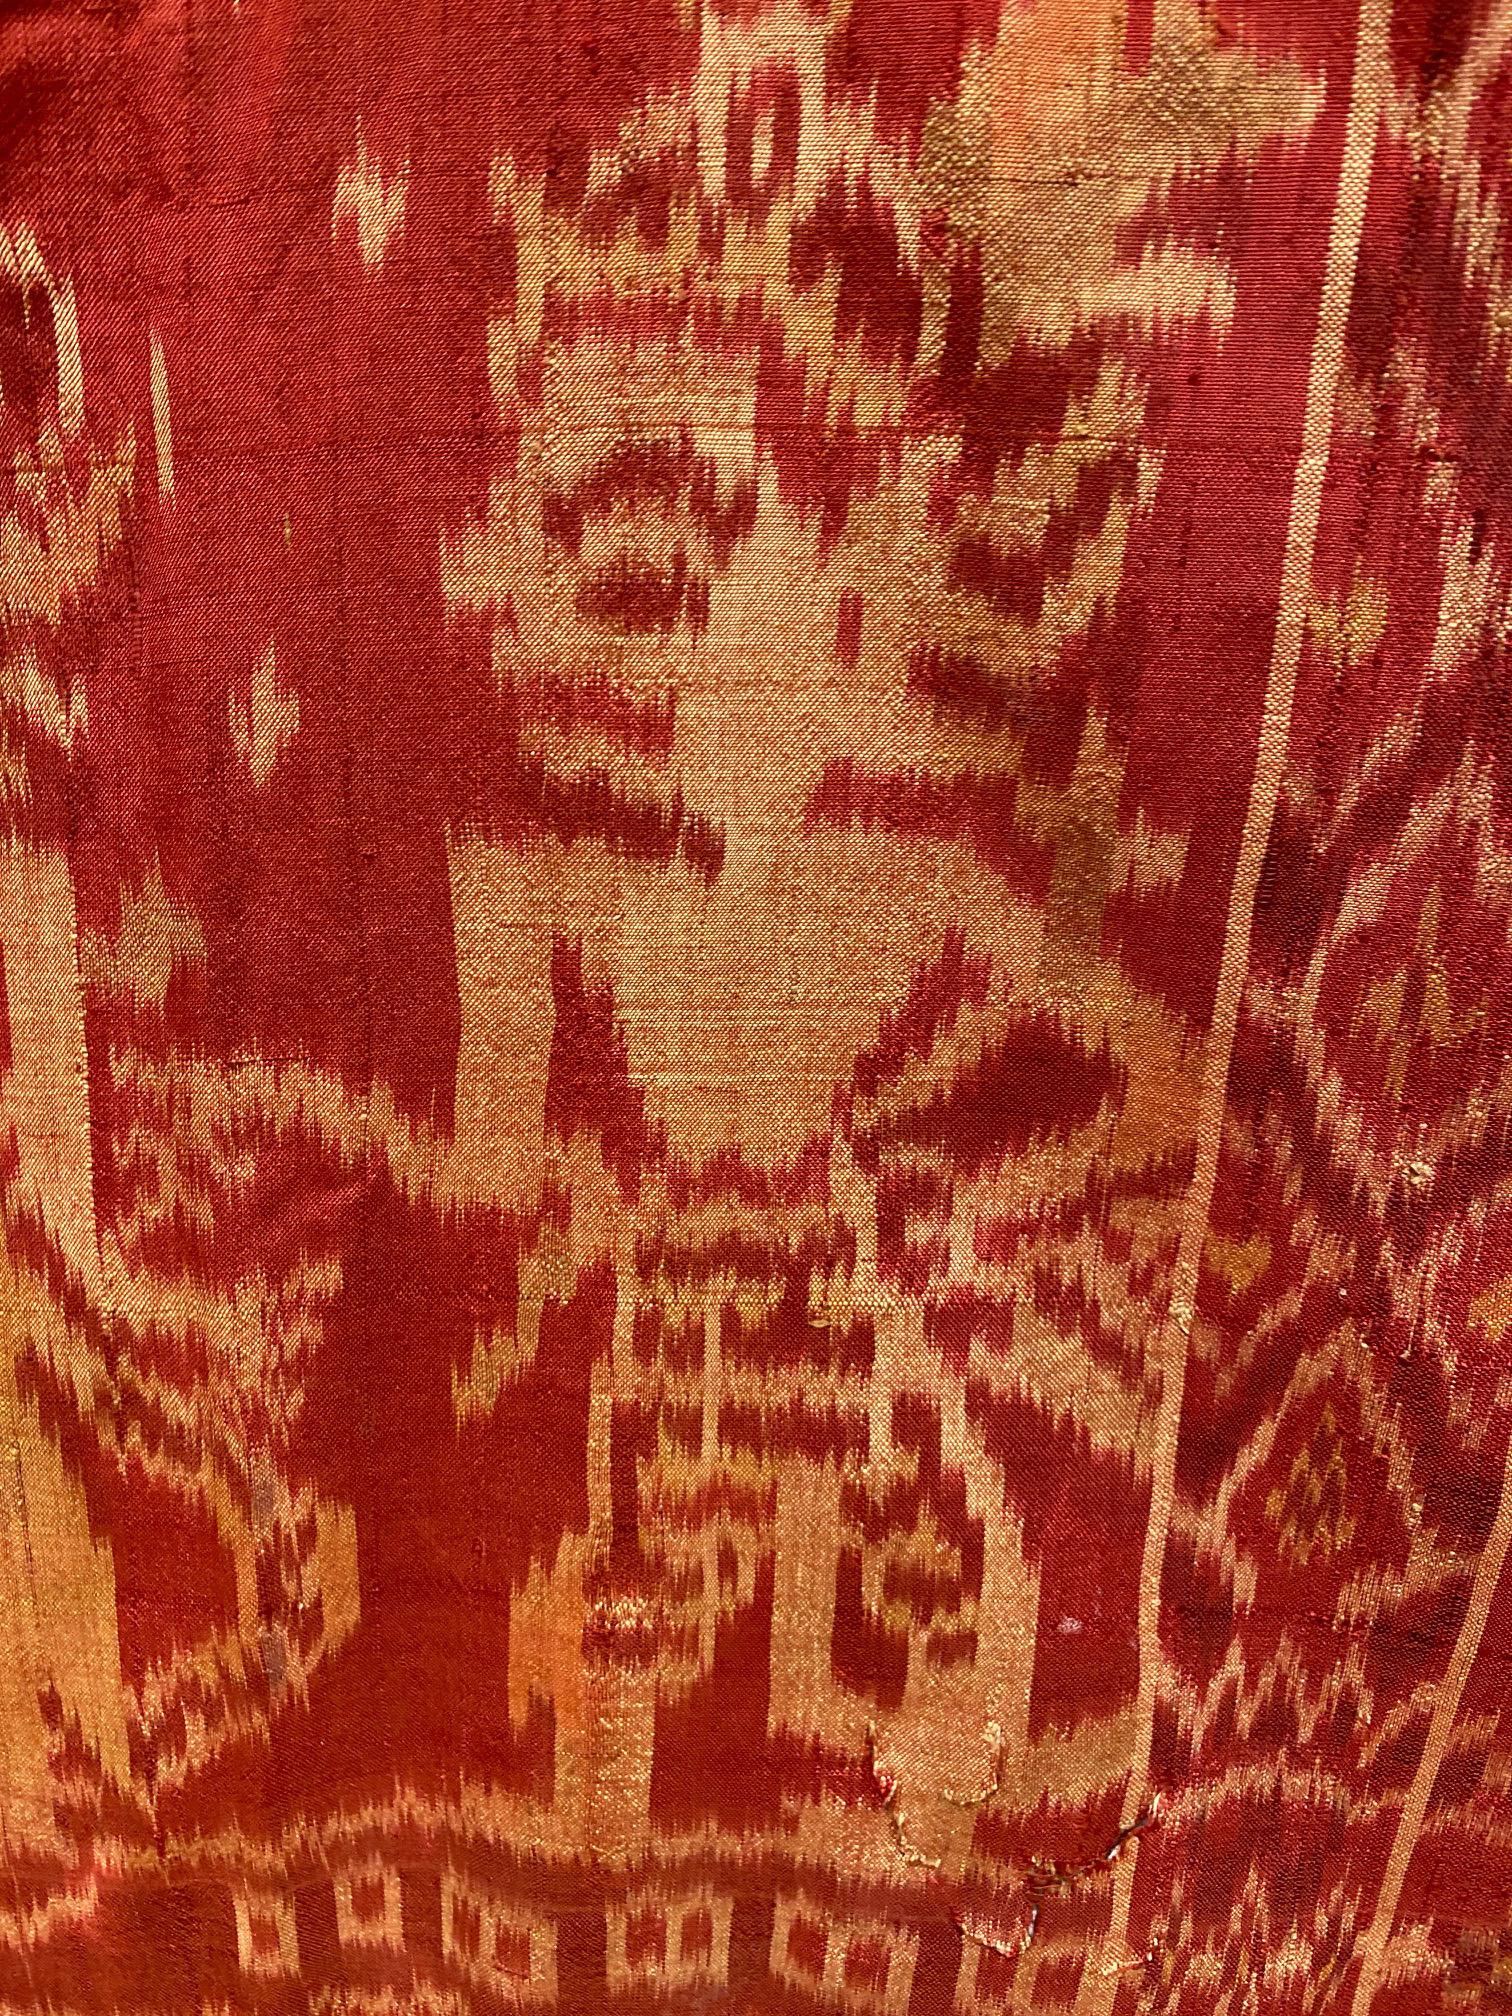 Ceremonial cloth Saput Endek